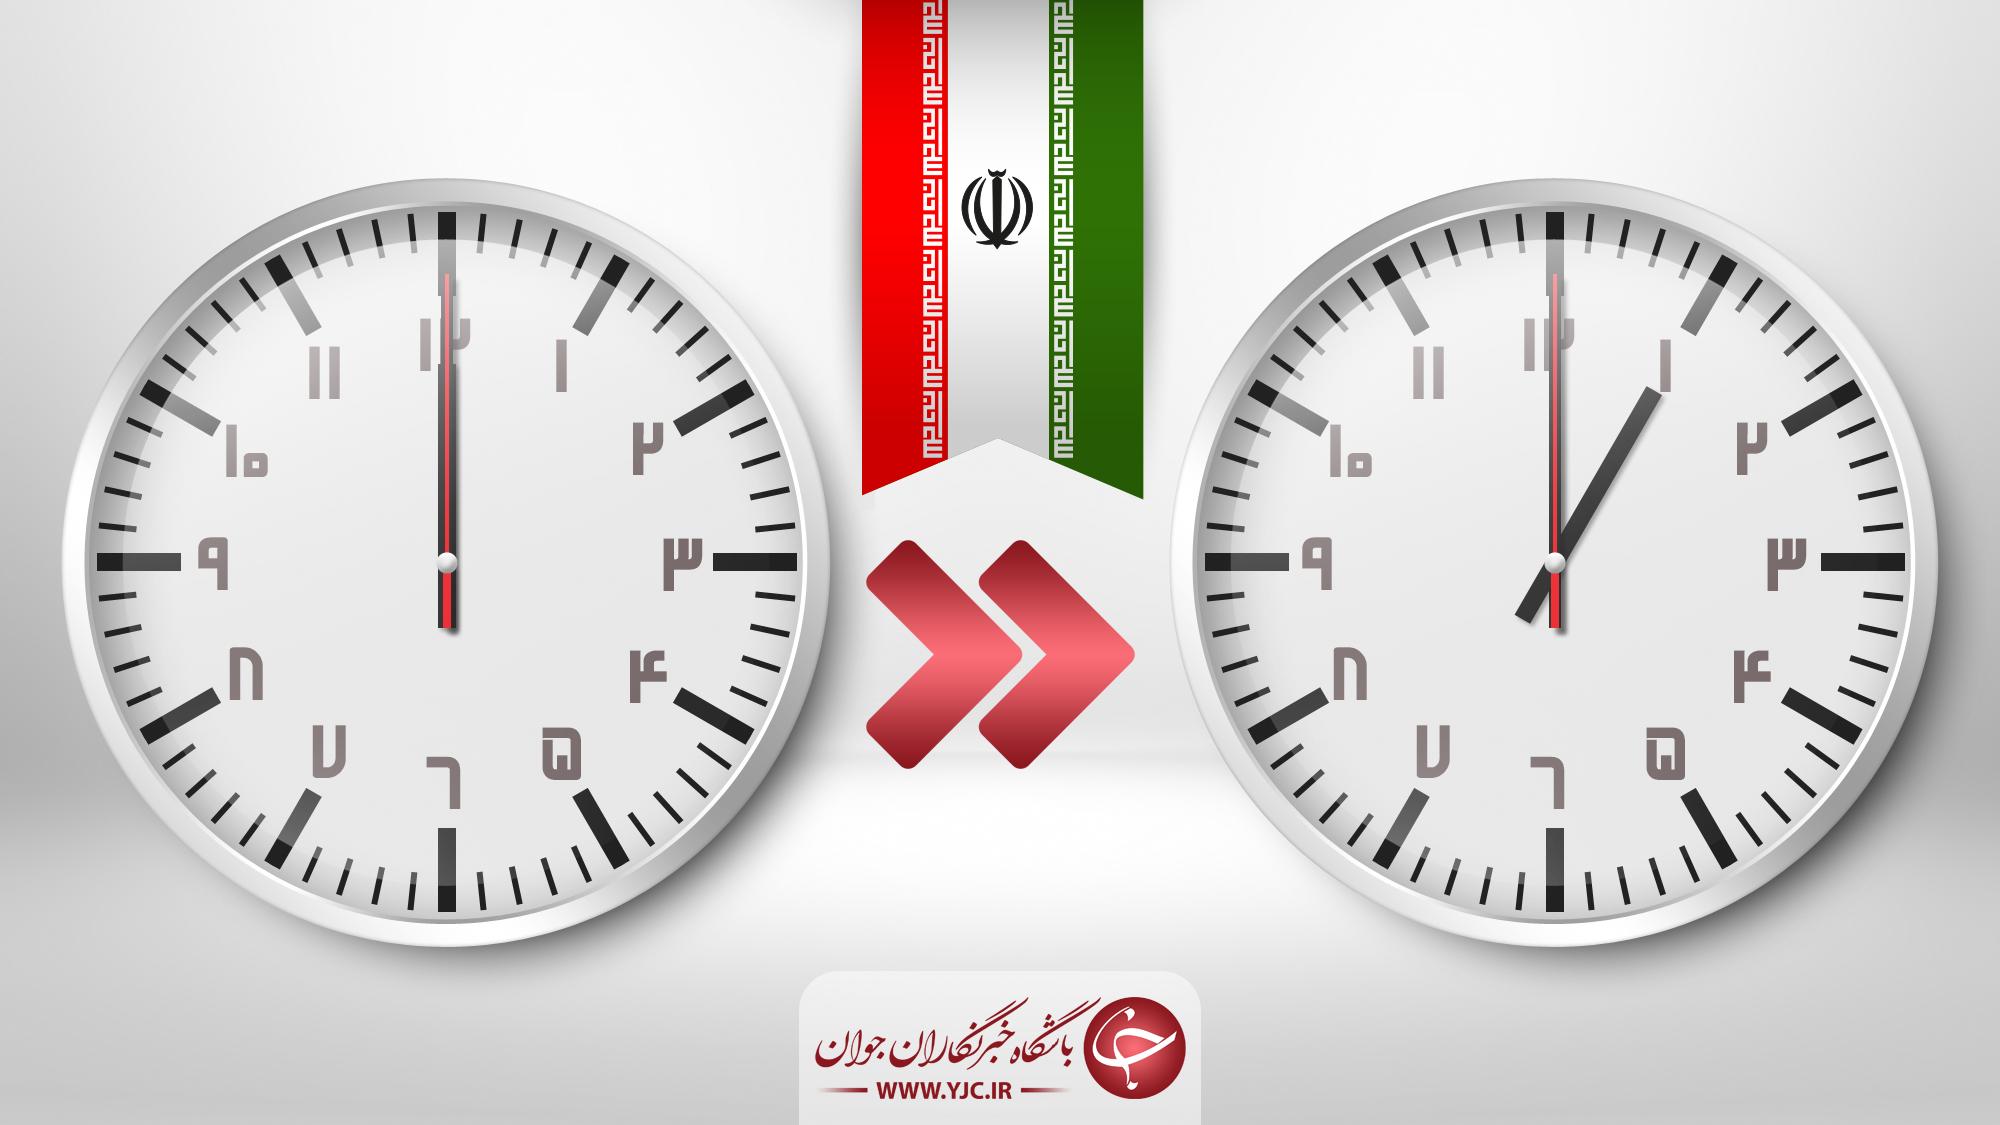 بامداد اول فروردین/ ساعت رسمی کشور از امشب یک ساعت جلو کشیده میشود